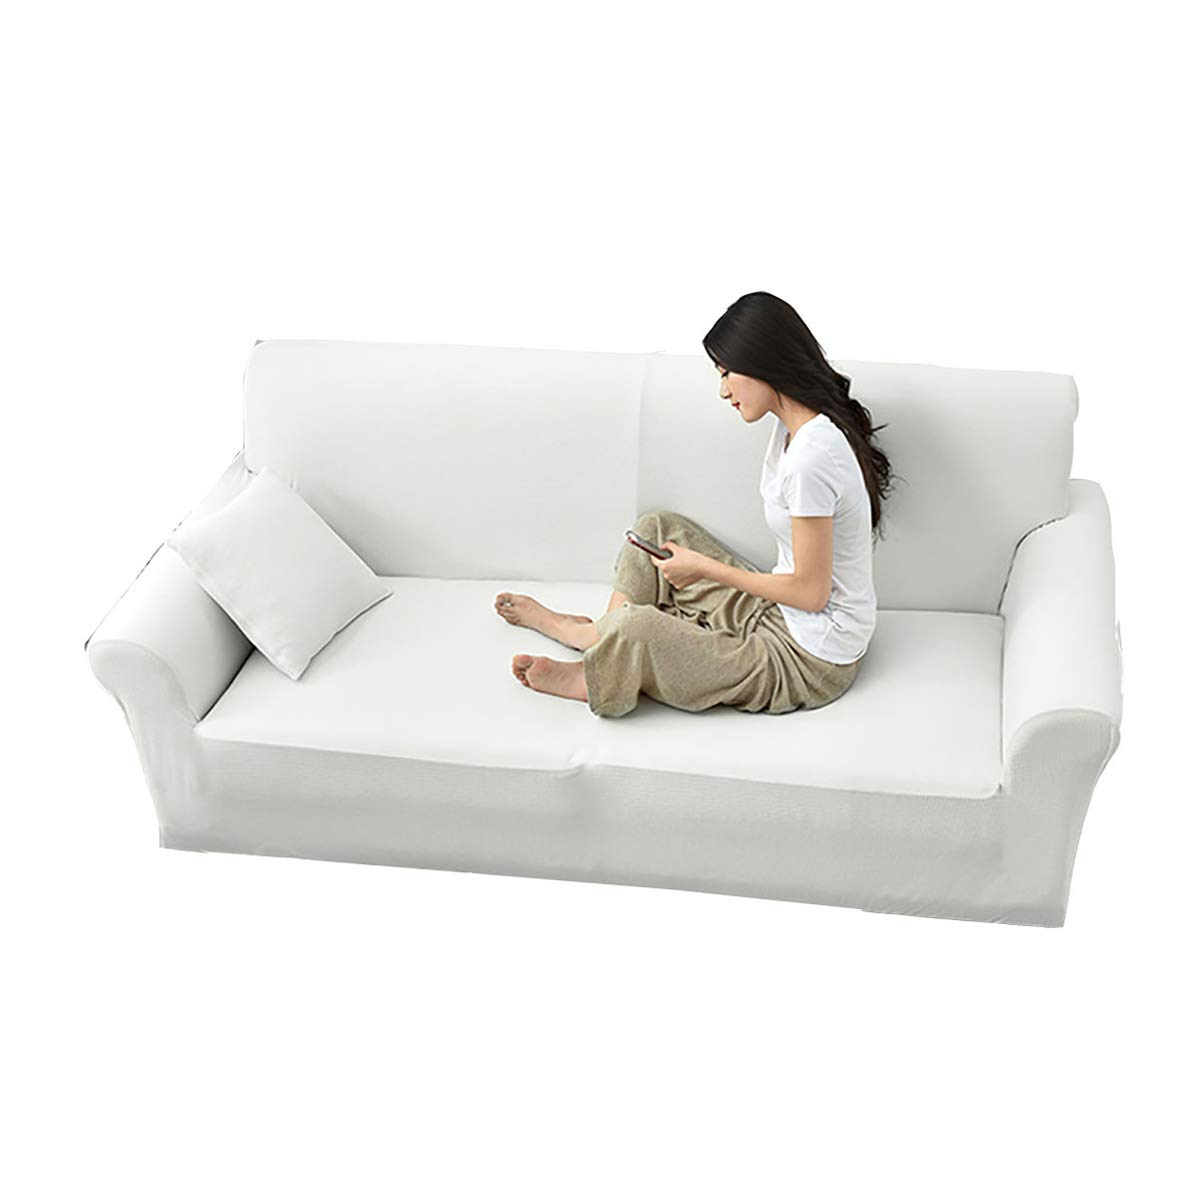 Amazing Amazon Com Dfamily Stretch Sofa Covers Water Repellent Dog Inzonedesignstudio Interior Chair Design Inzonedesignstudiocom